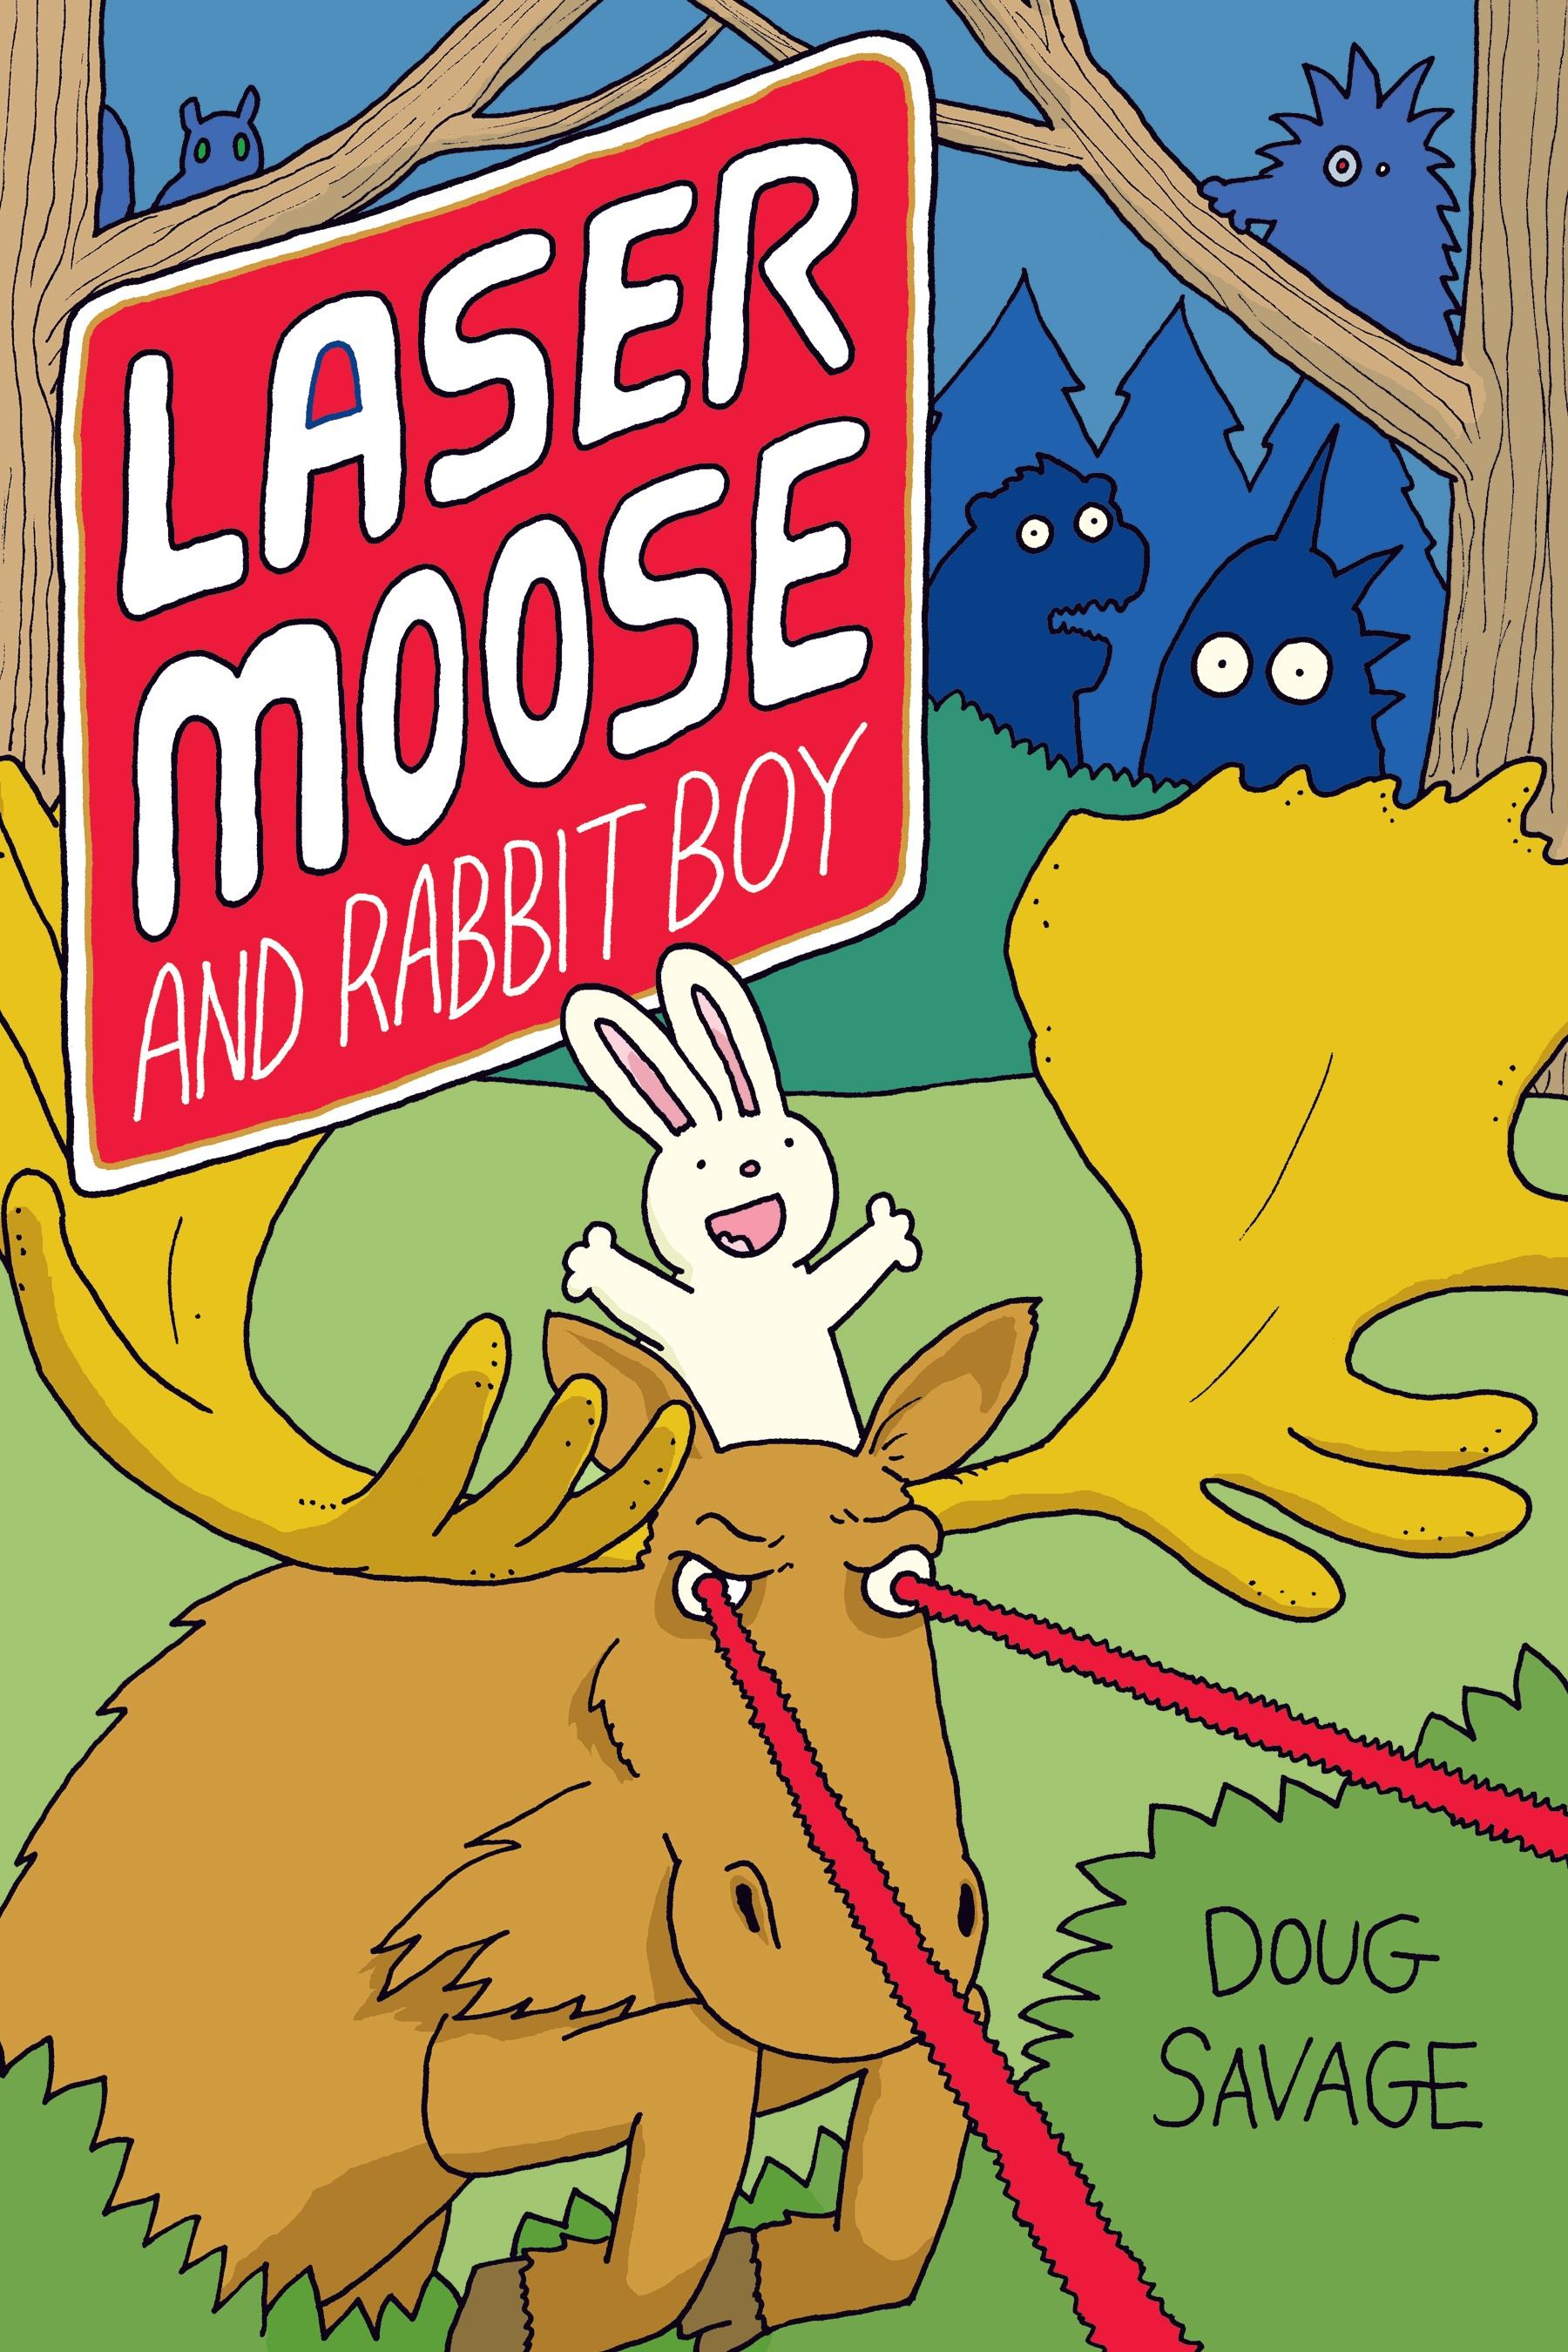 Laser Moose